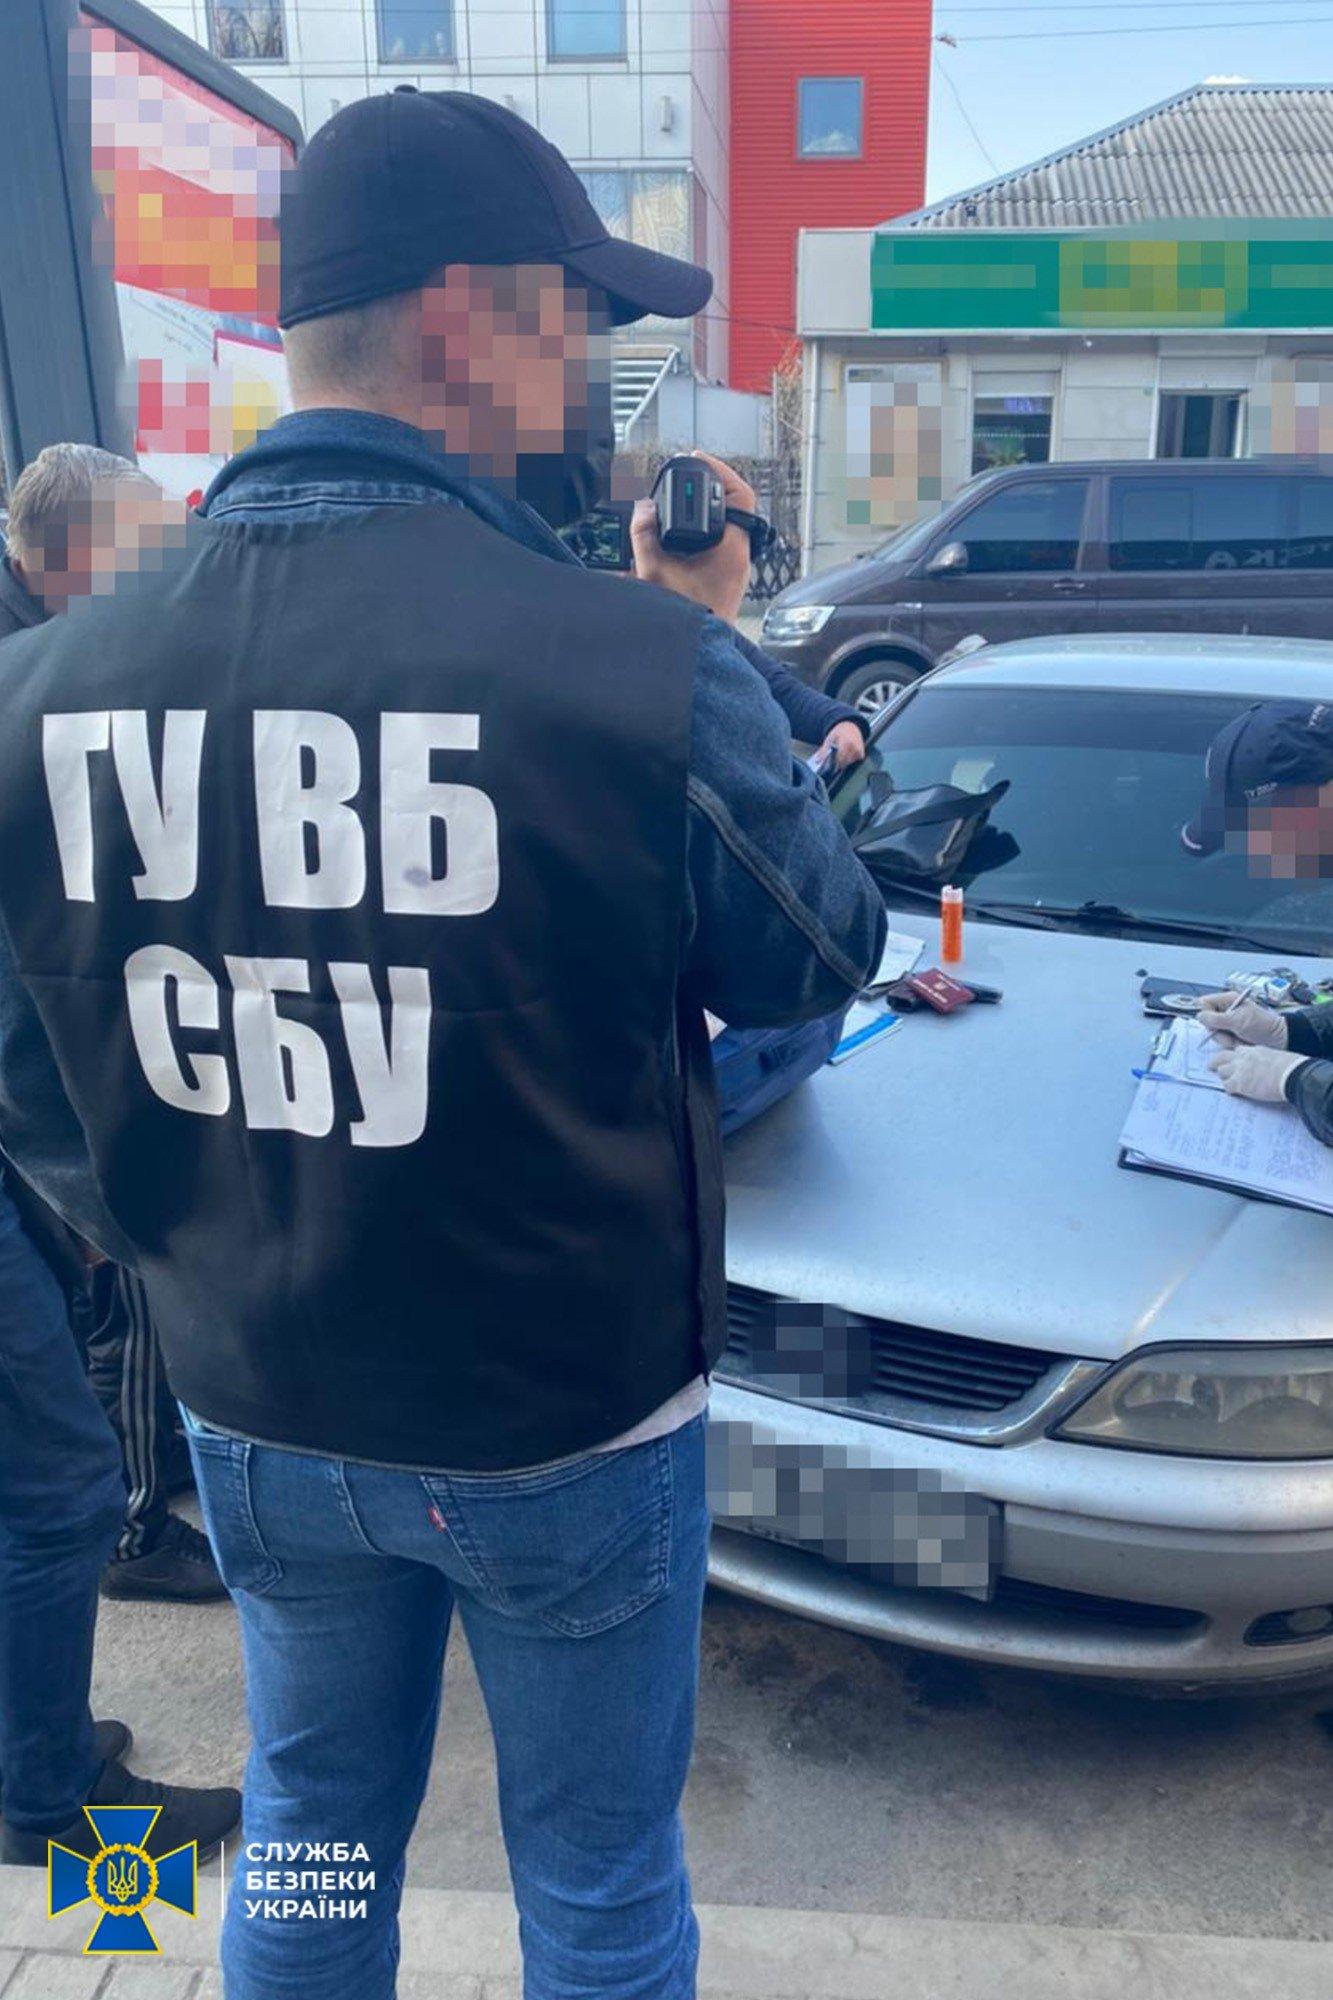 На Днепропетровщине полицейские распространяли наркотики, а потом шантажировали клиентов, фото-4